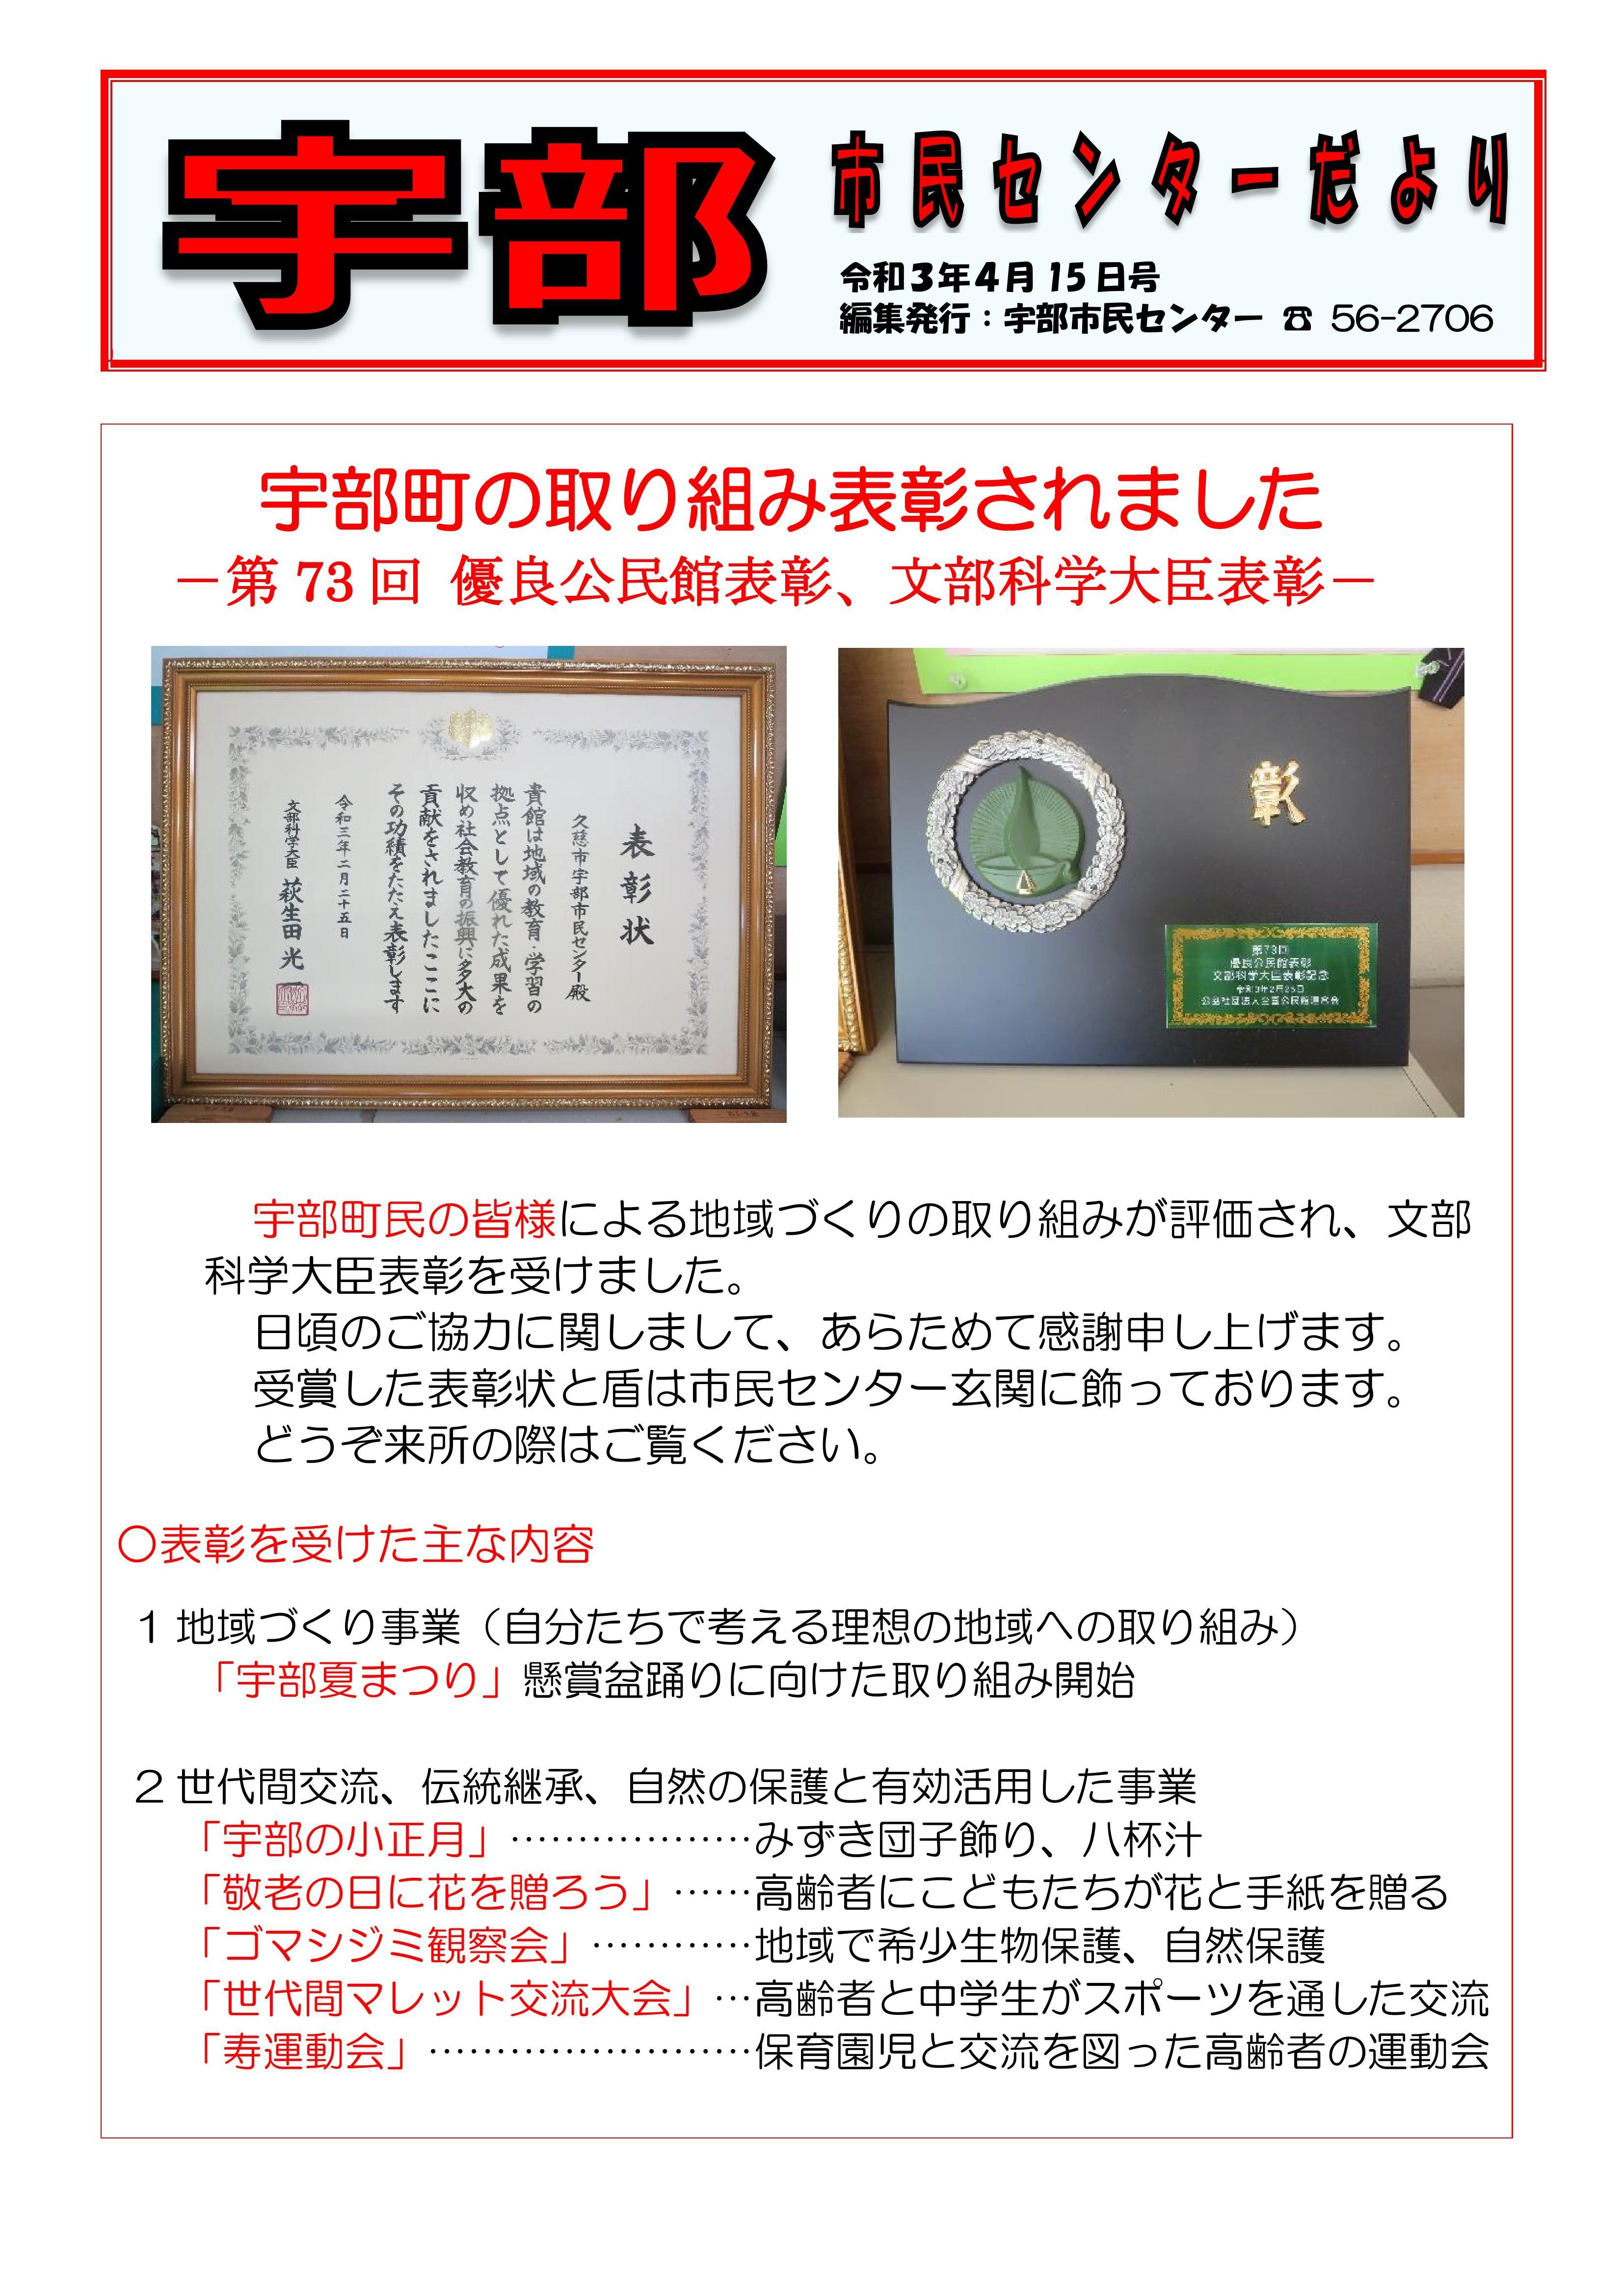 宇部市民センター報(令和3年4月15日号)1ページ